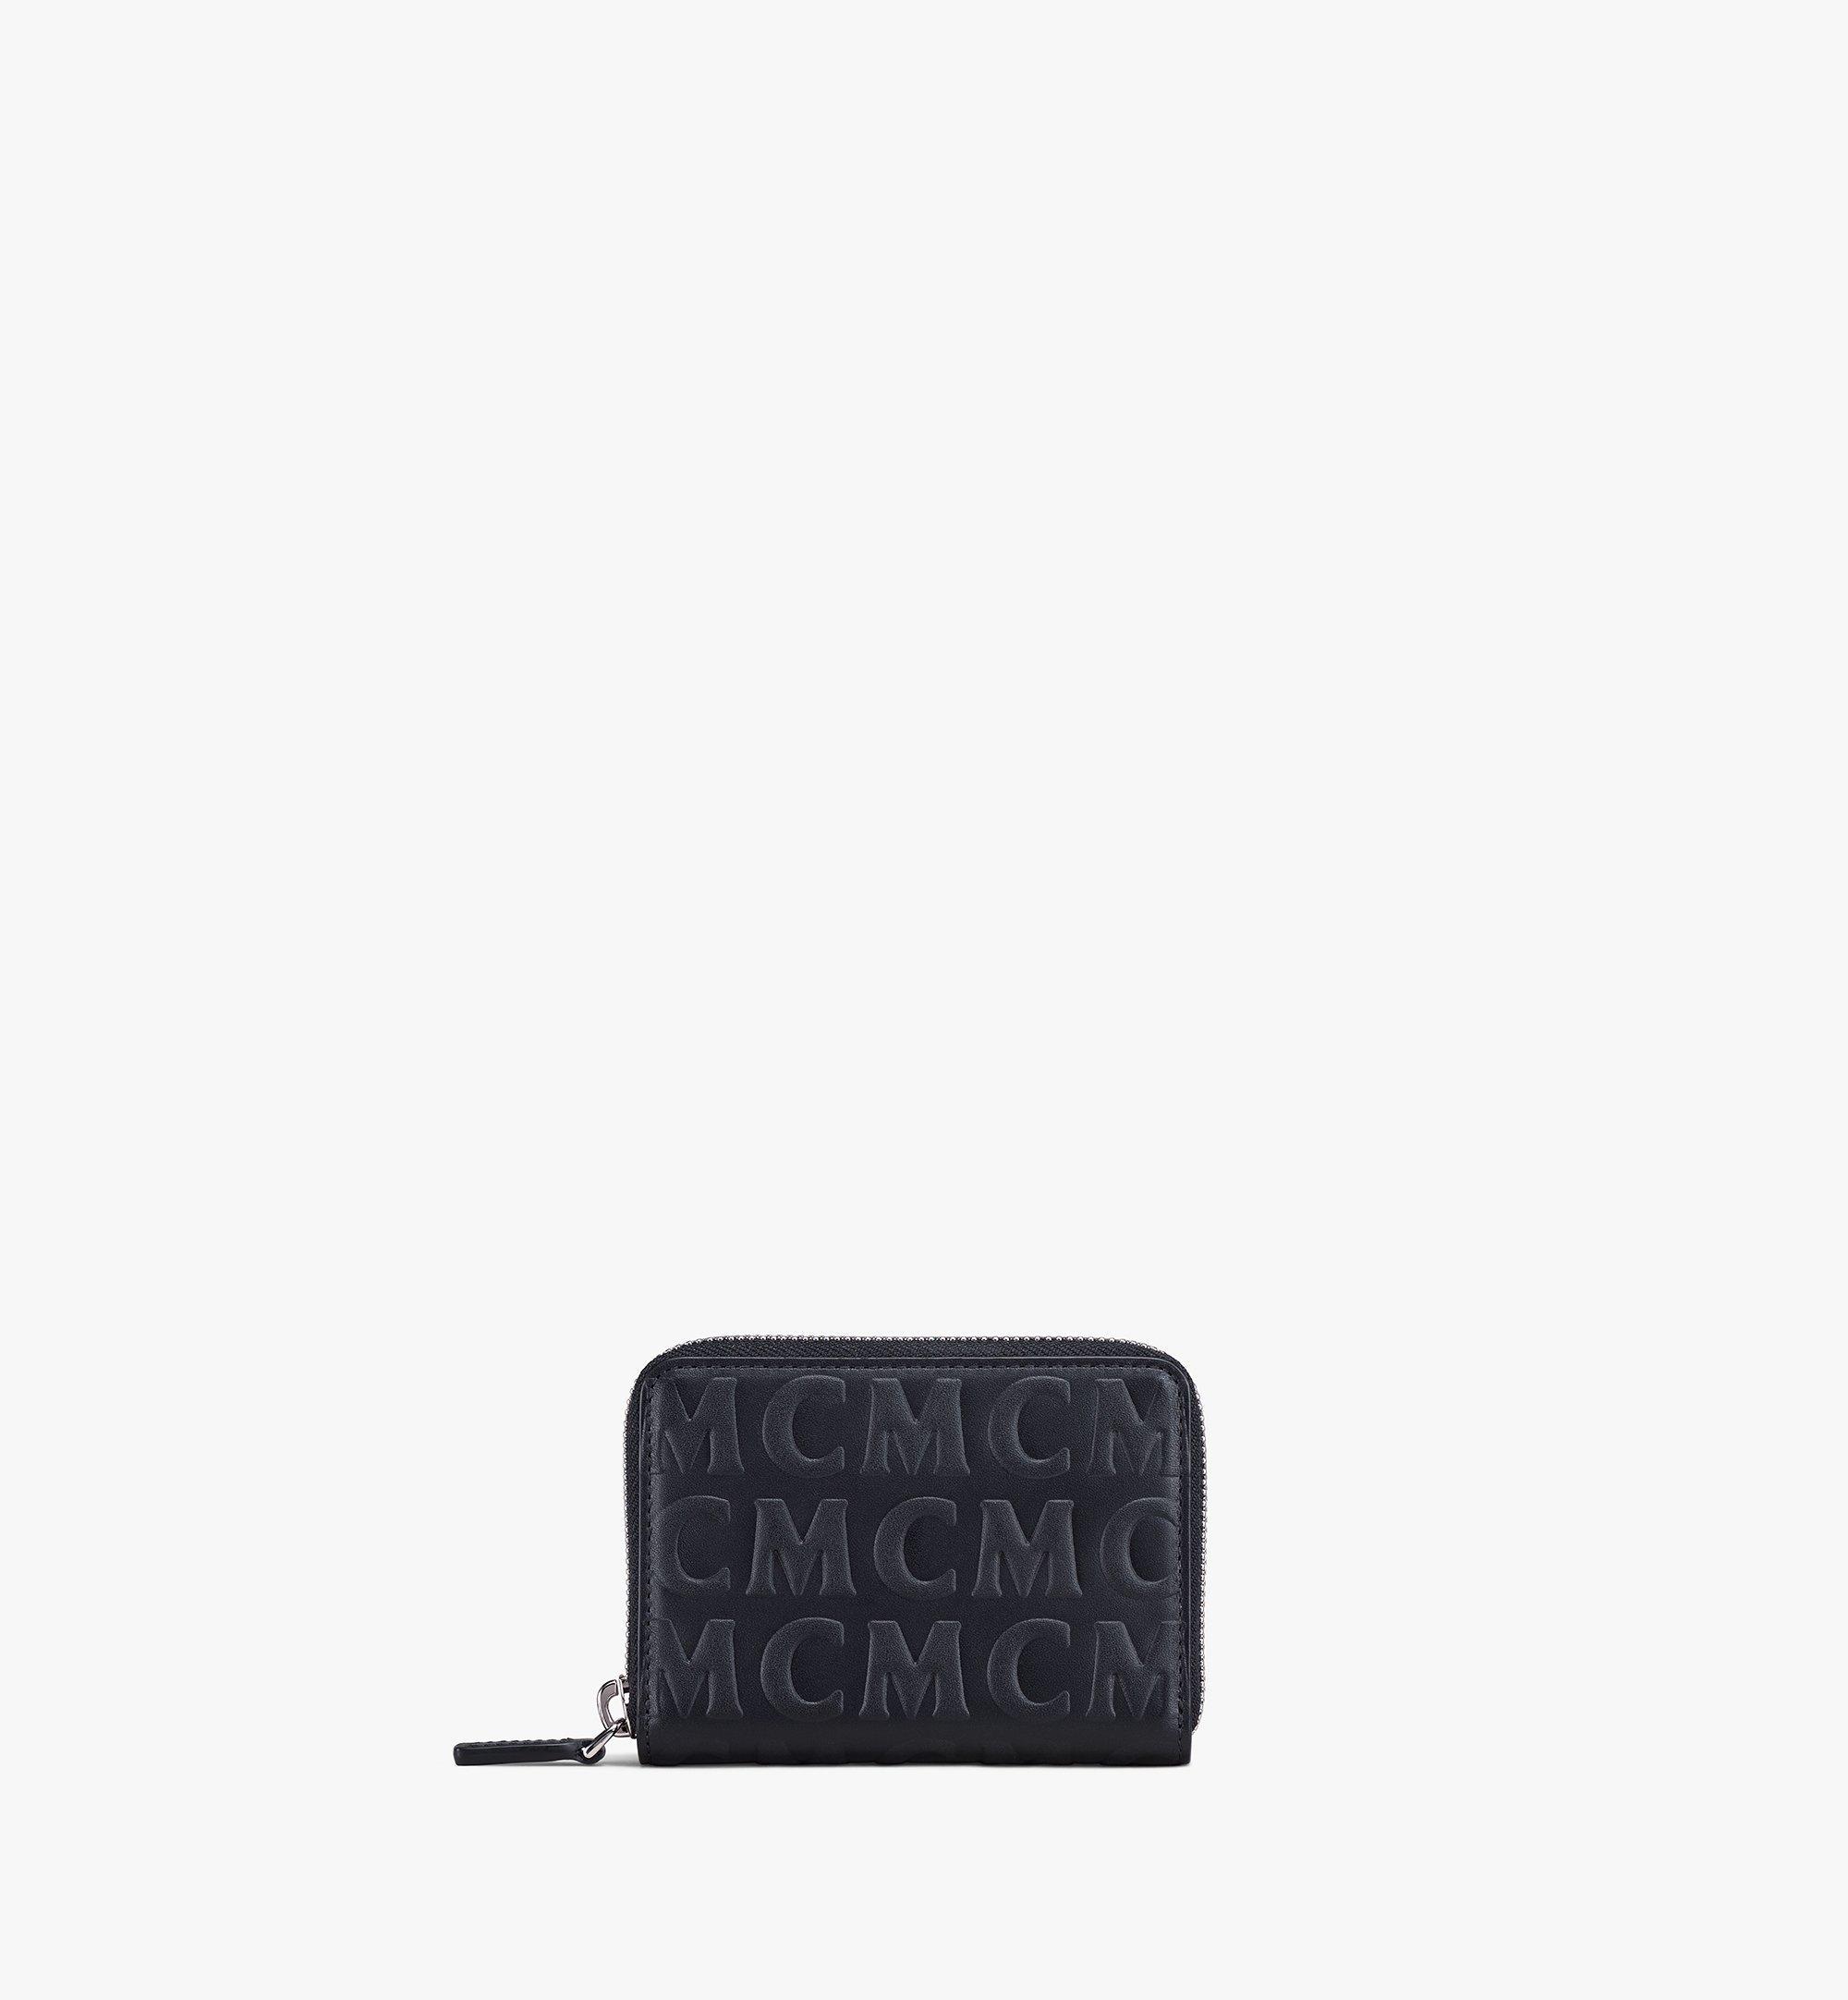 MCM Zip Around Wallet in MCM Monogram Leather Black MYLAAMD02BK001 Alternate View 1